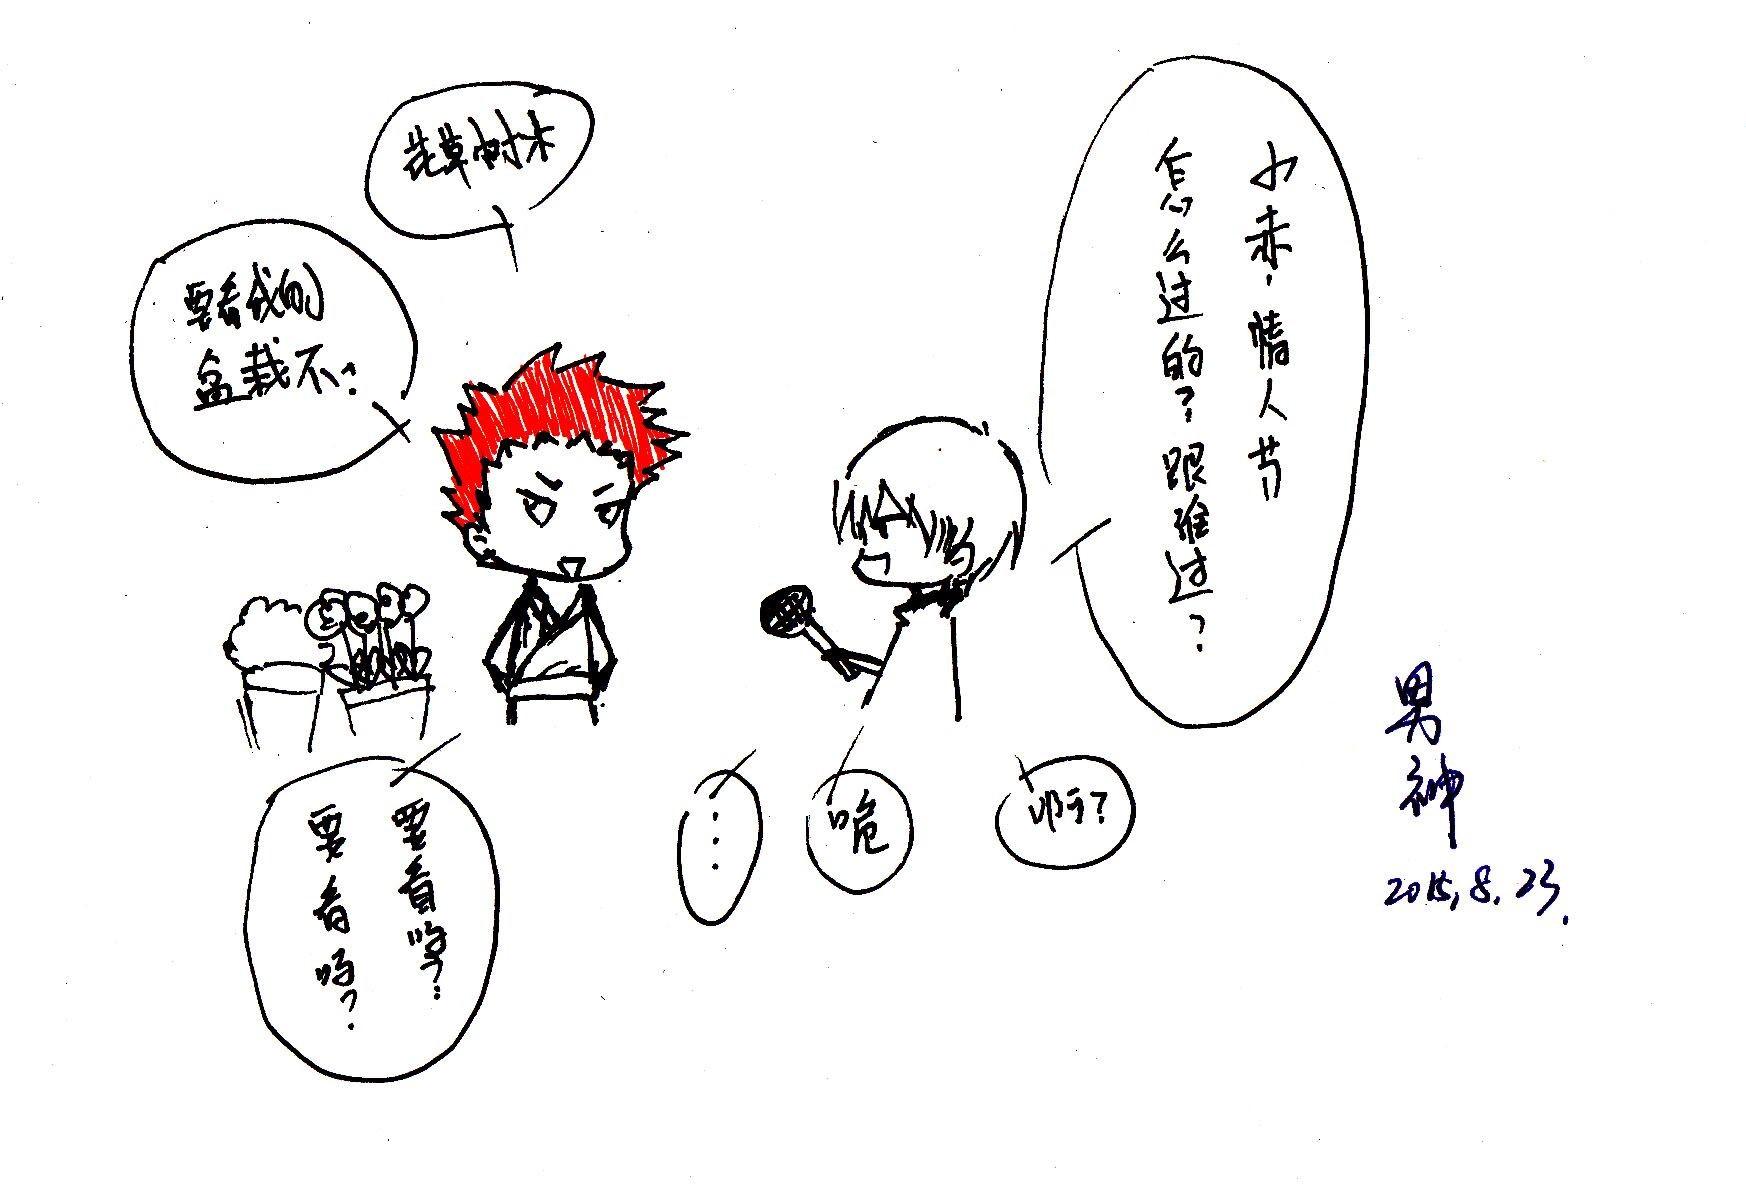 【漫画】火影忍者ol五主的烂漫七夕节